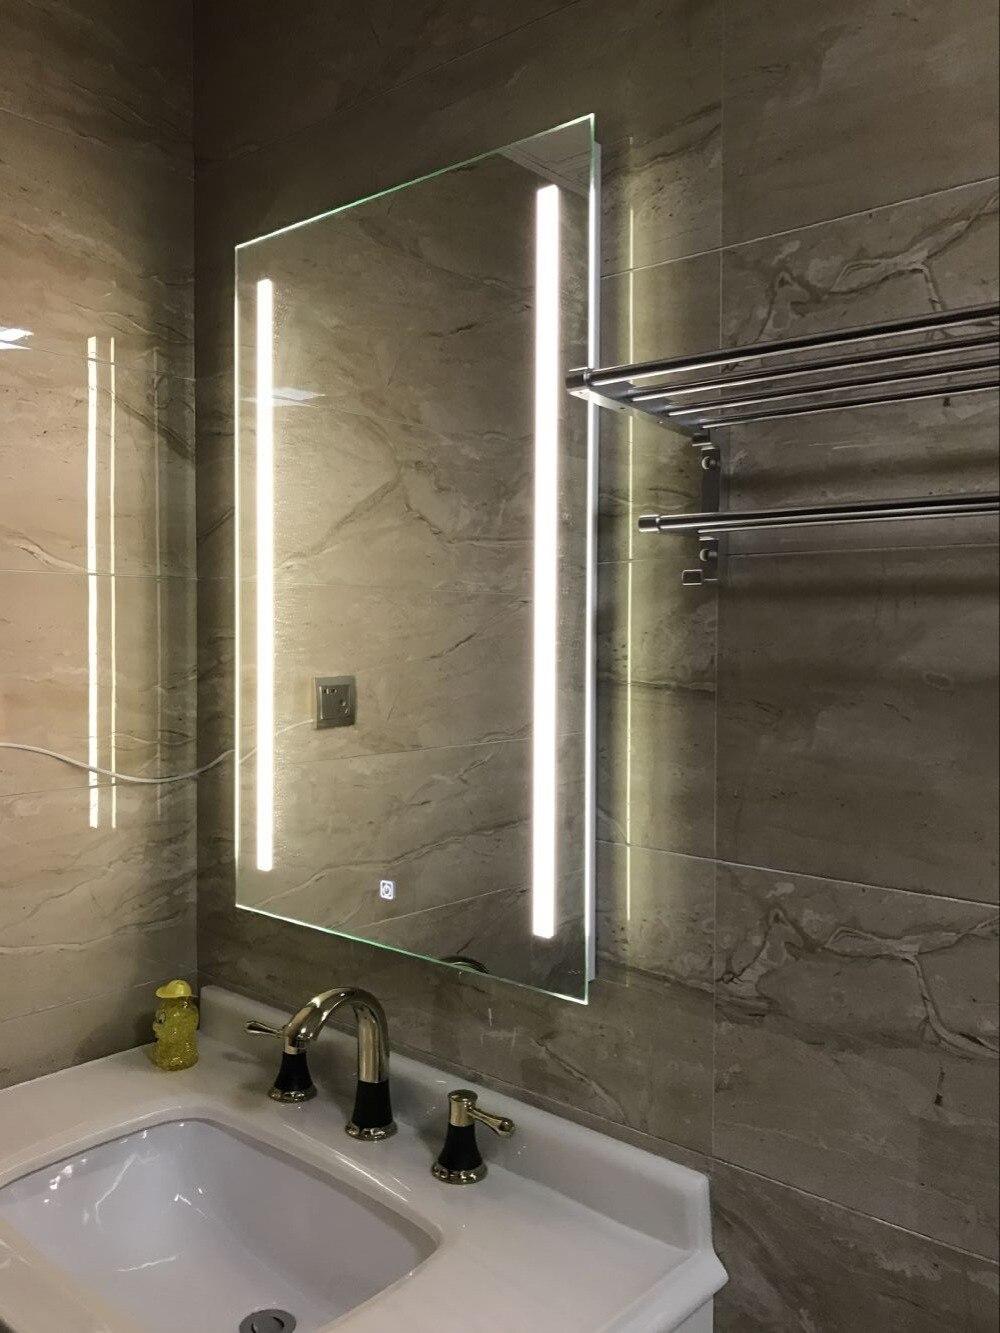 https://ae01.alicdn.com/kf/HTB1KRYPSpXXXXbDXXXXq6xXFXXXF/DIYHD-Wall-Mount-Led-Verlichte-Badkamer-Spiegel-Defogger-2-Verticale-Lichten-Rechthoekige-Touch-Licht-Spiegel.jpg